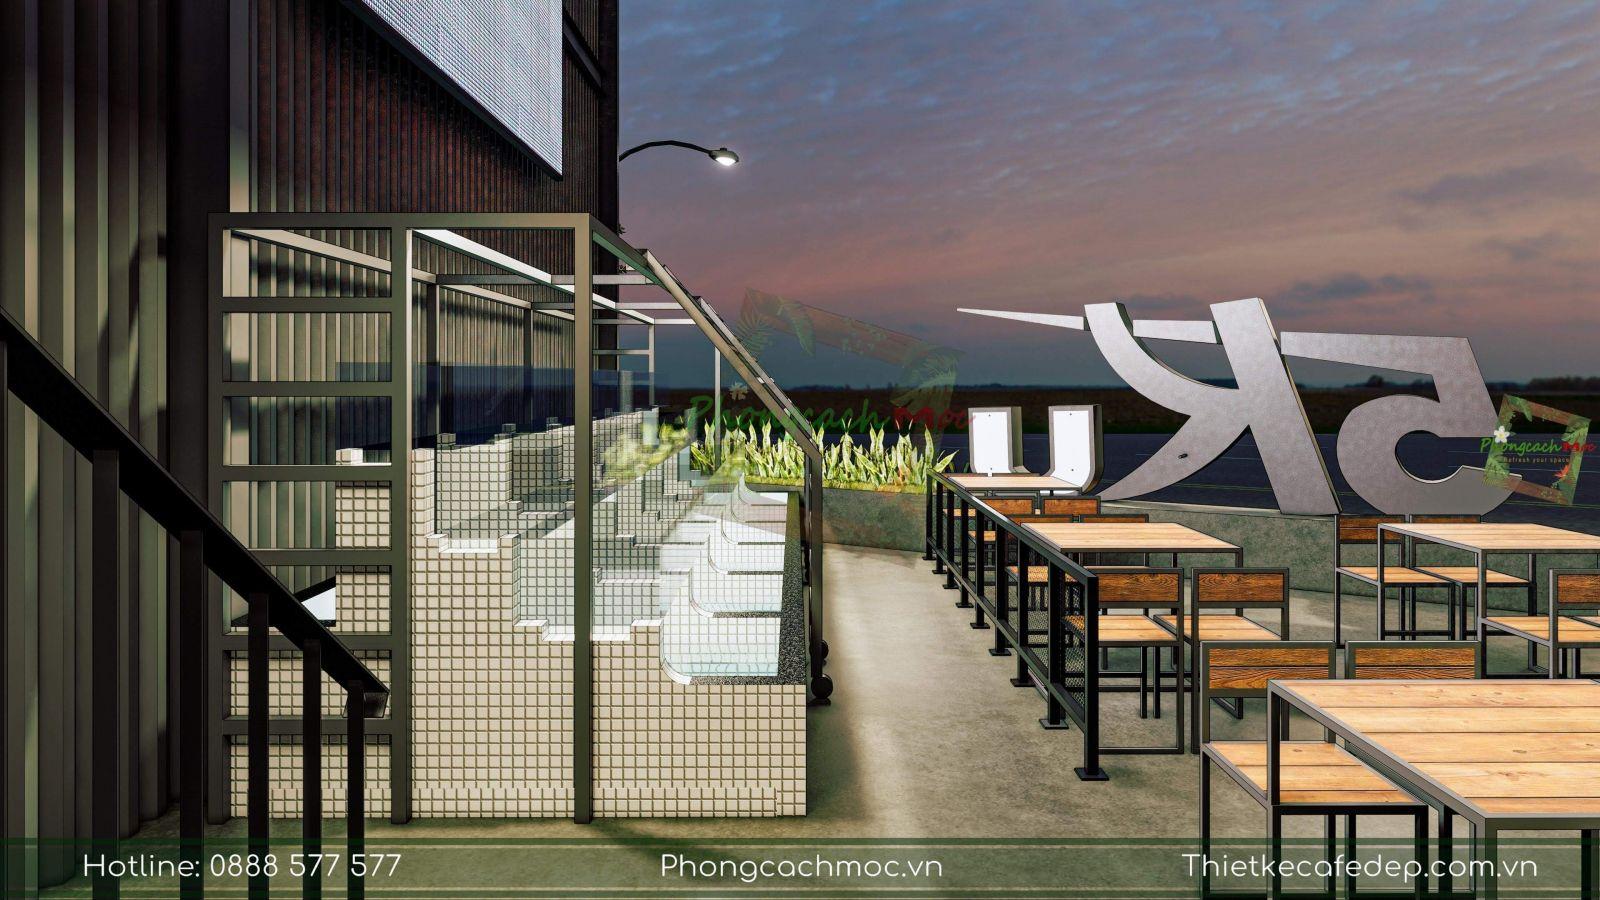 thiết kế không gian ngoài trời nhà hàng chủ đề industrial